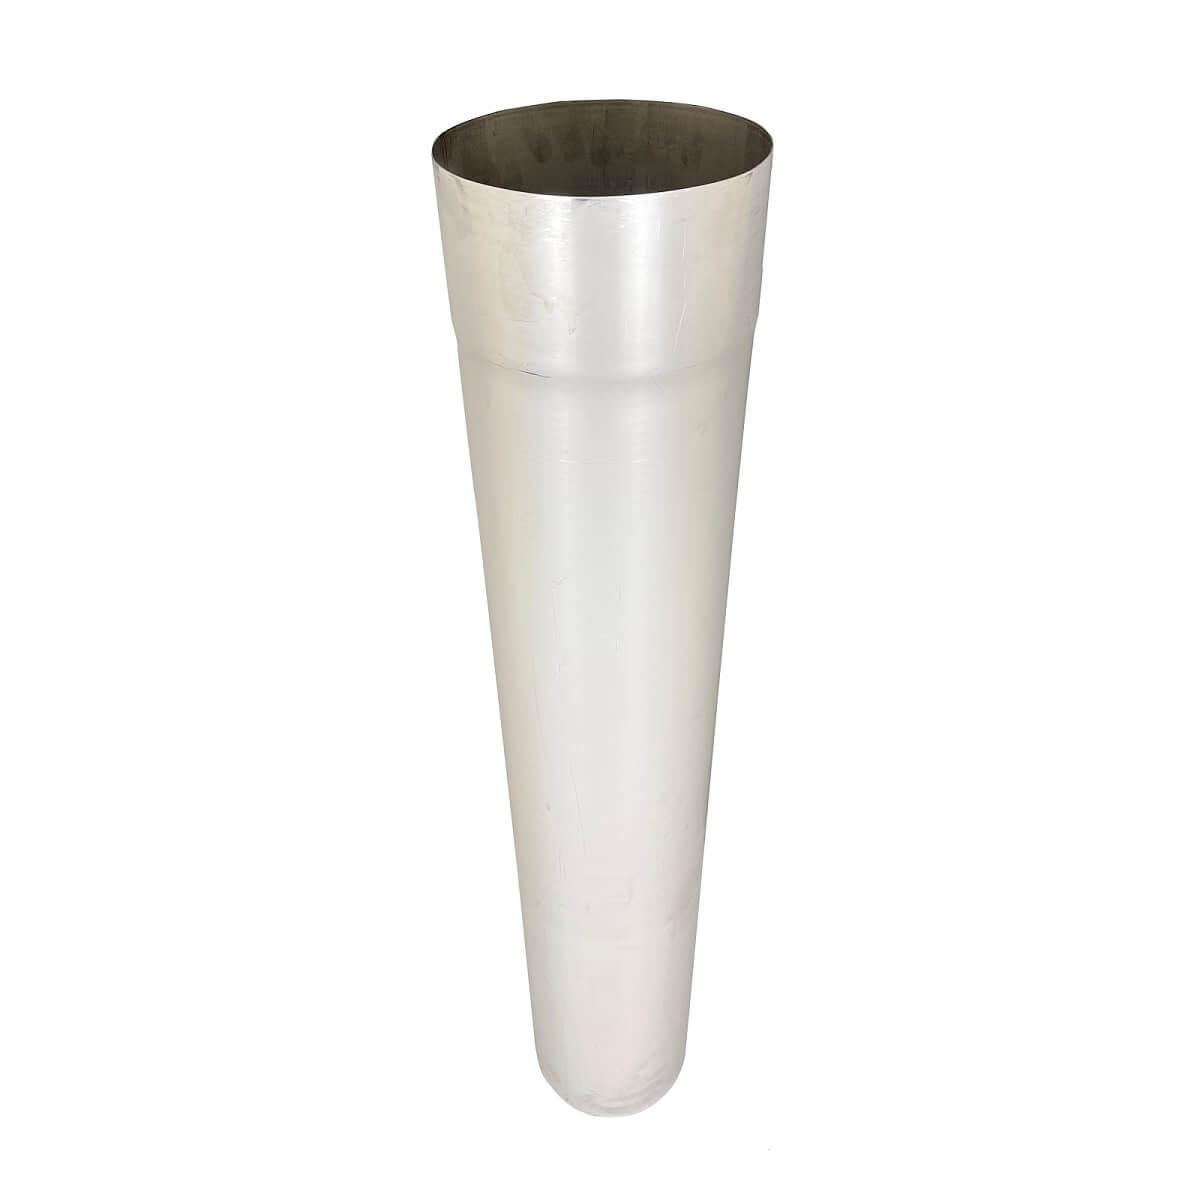 Труба для дымохода L-1 м D-130 мм толщина 0,8 мм